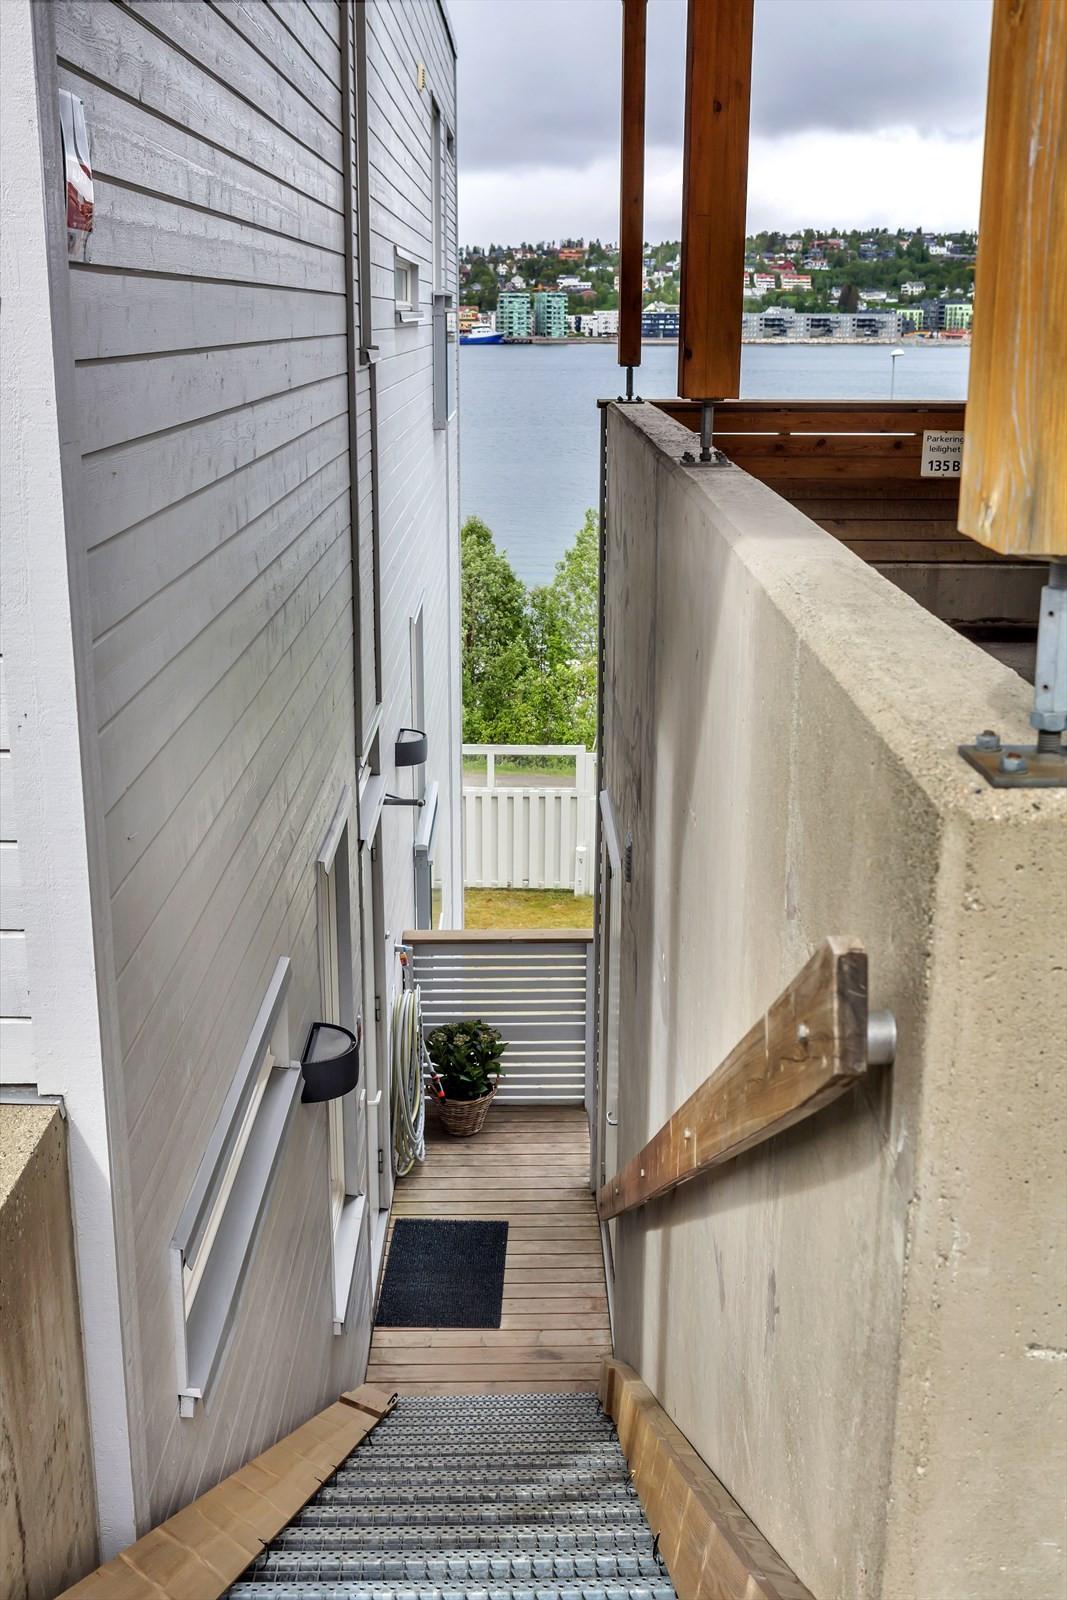 Trappenedgang til leiligheten.